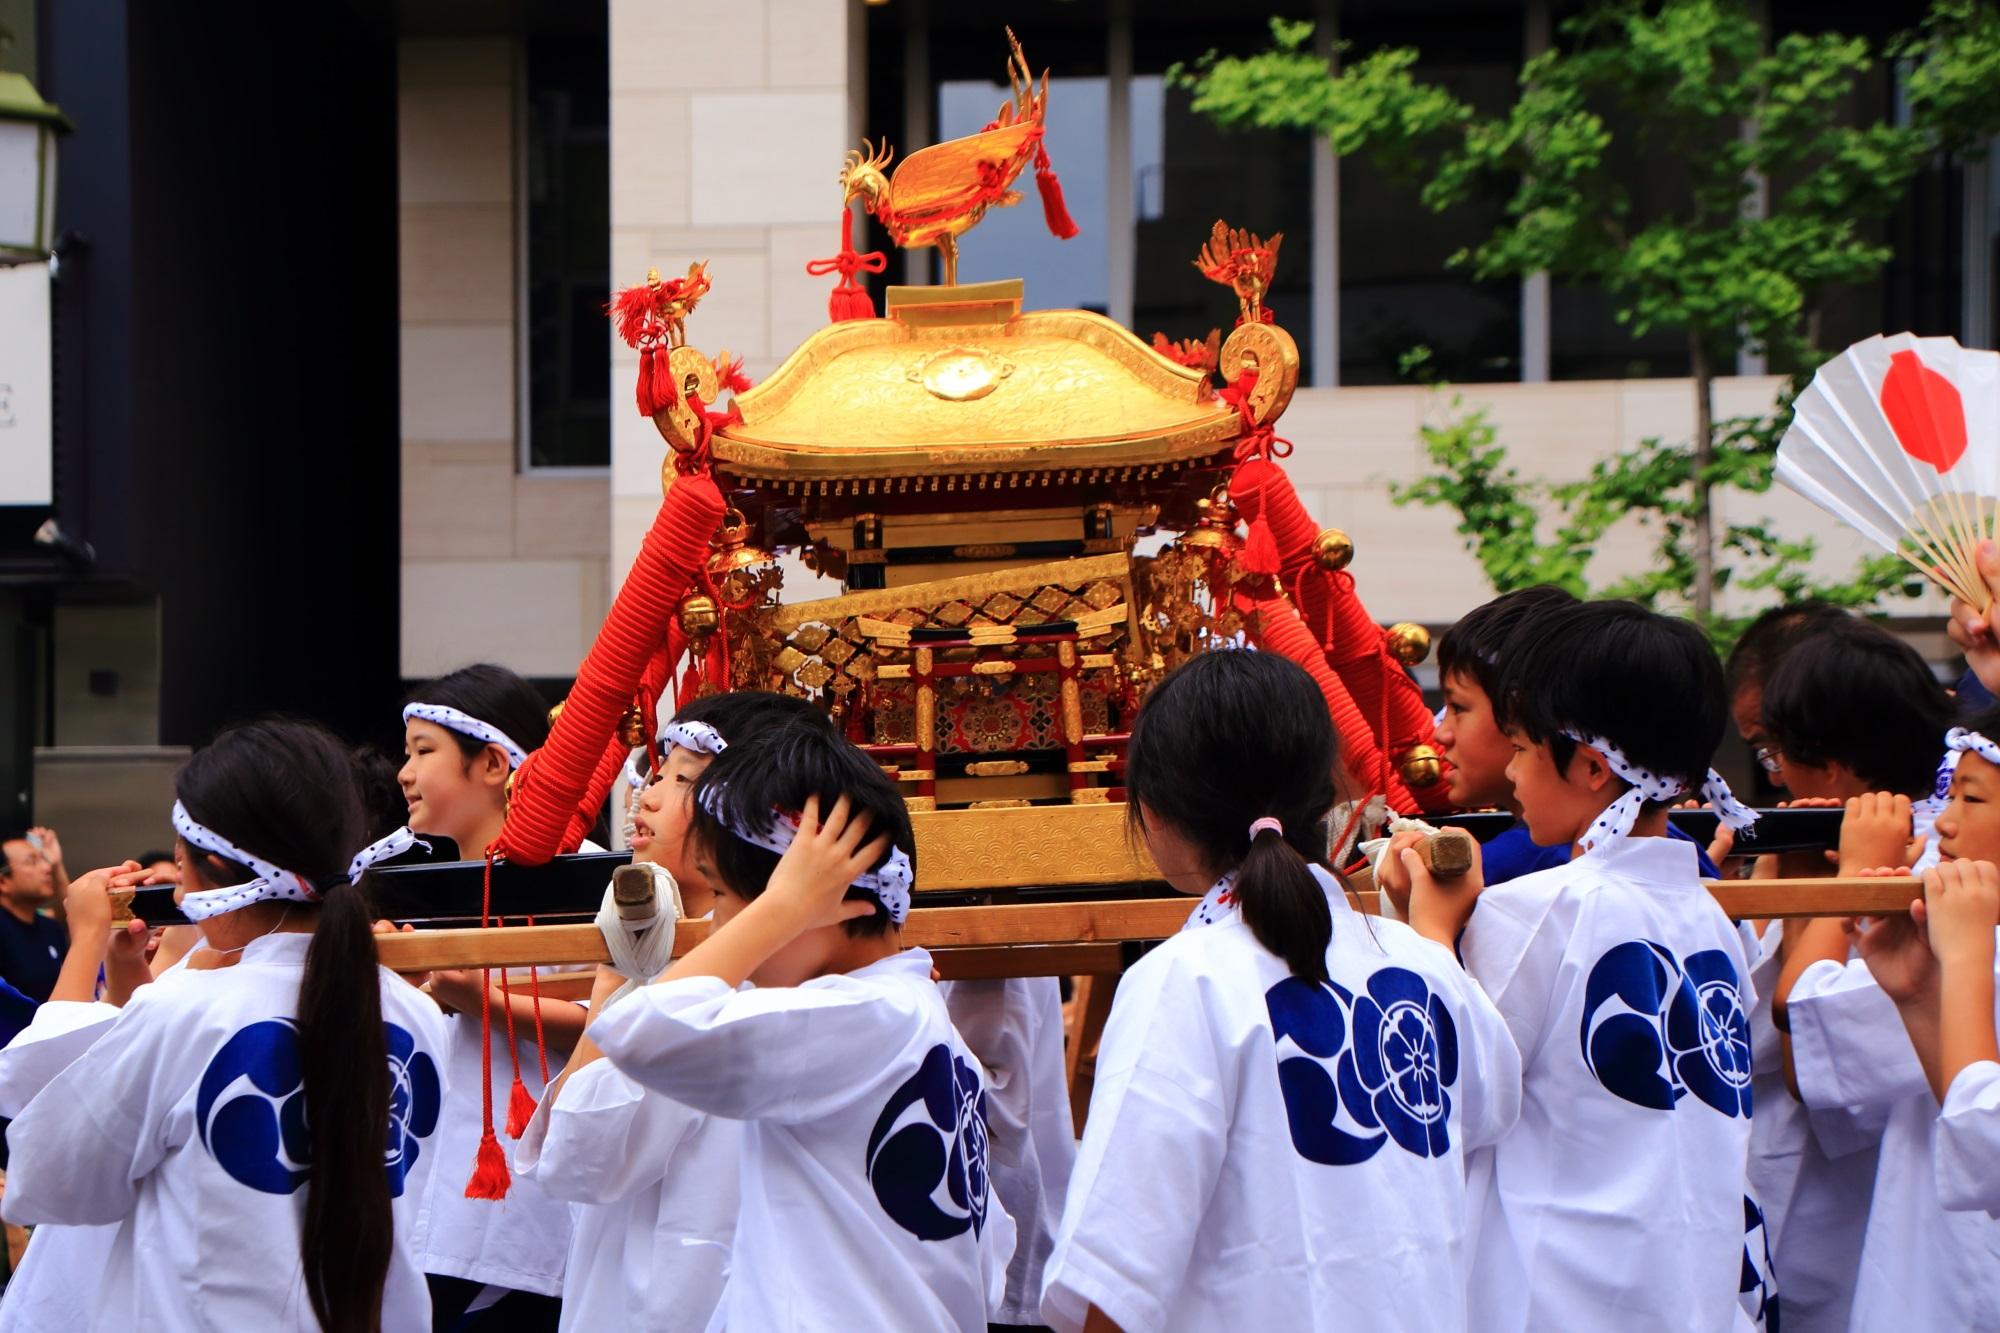 花傘巡行 子供 神輿 祇園祭